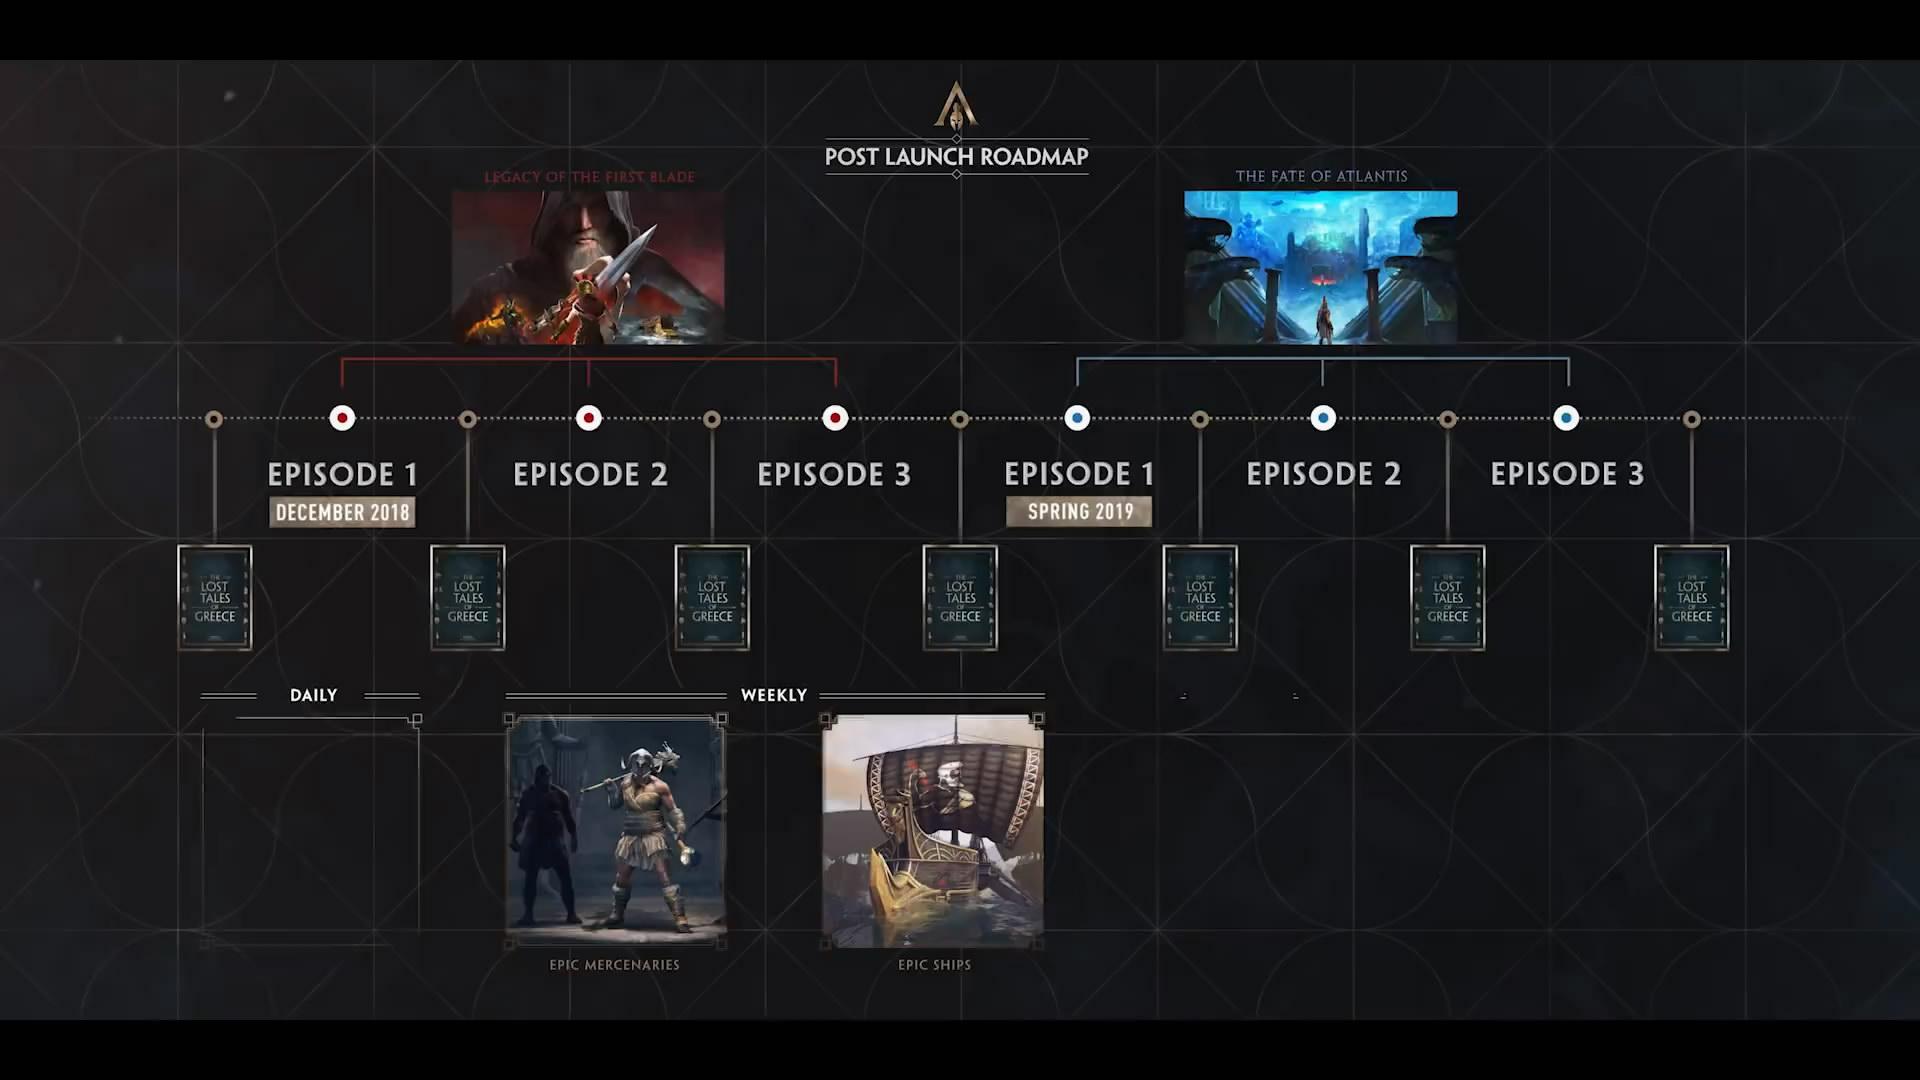 《刺客信条:奥德赛》预告 季票包含2个DLC+《刺客信条3》